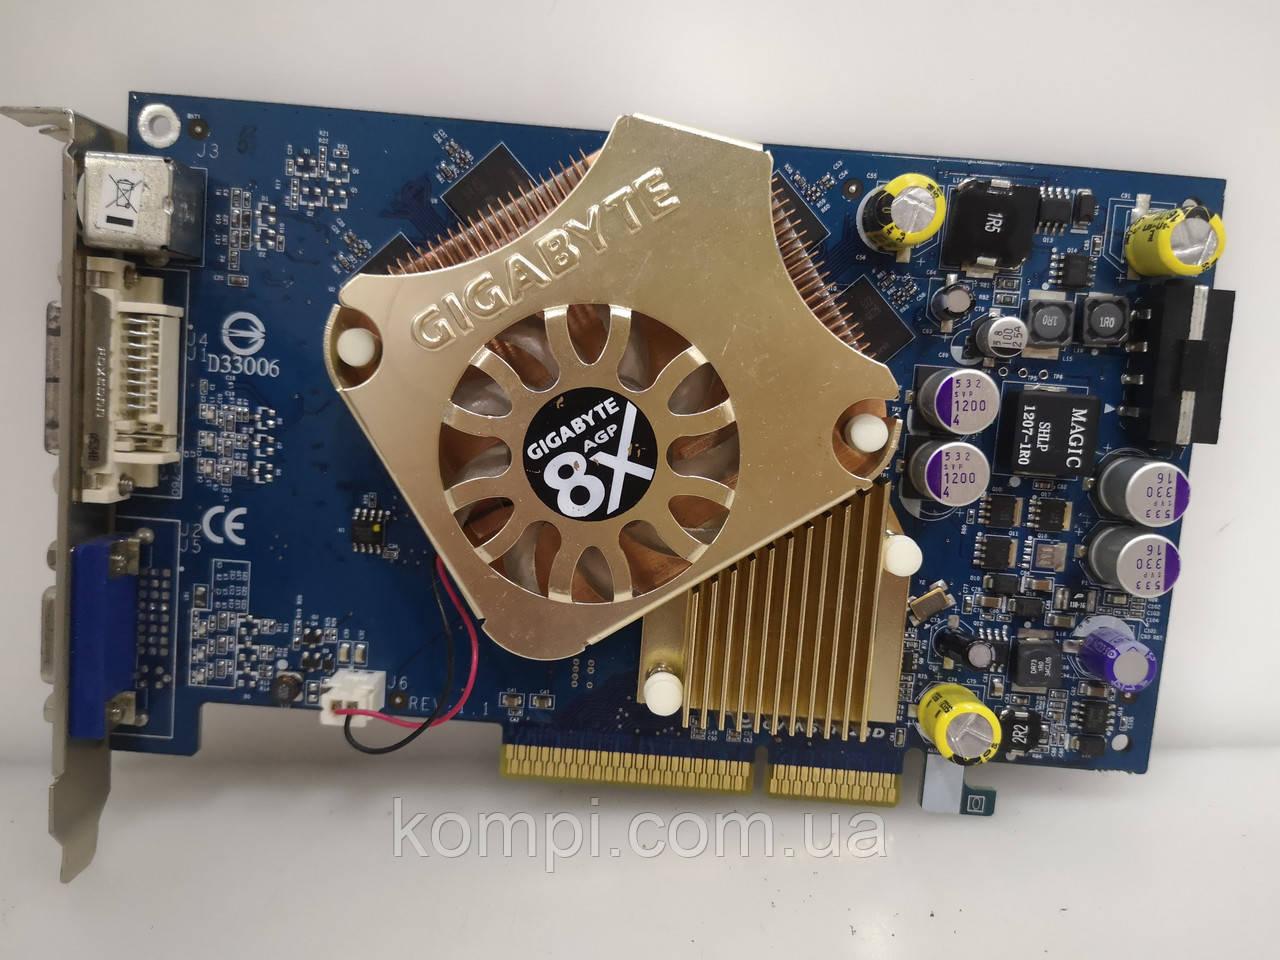 Видеокарта NVIDIA 6600GT 128mb  AGP